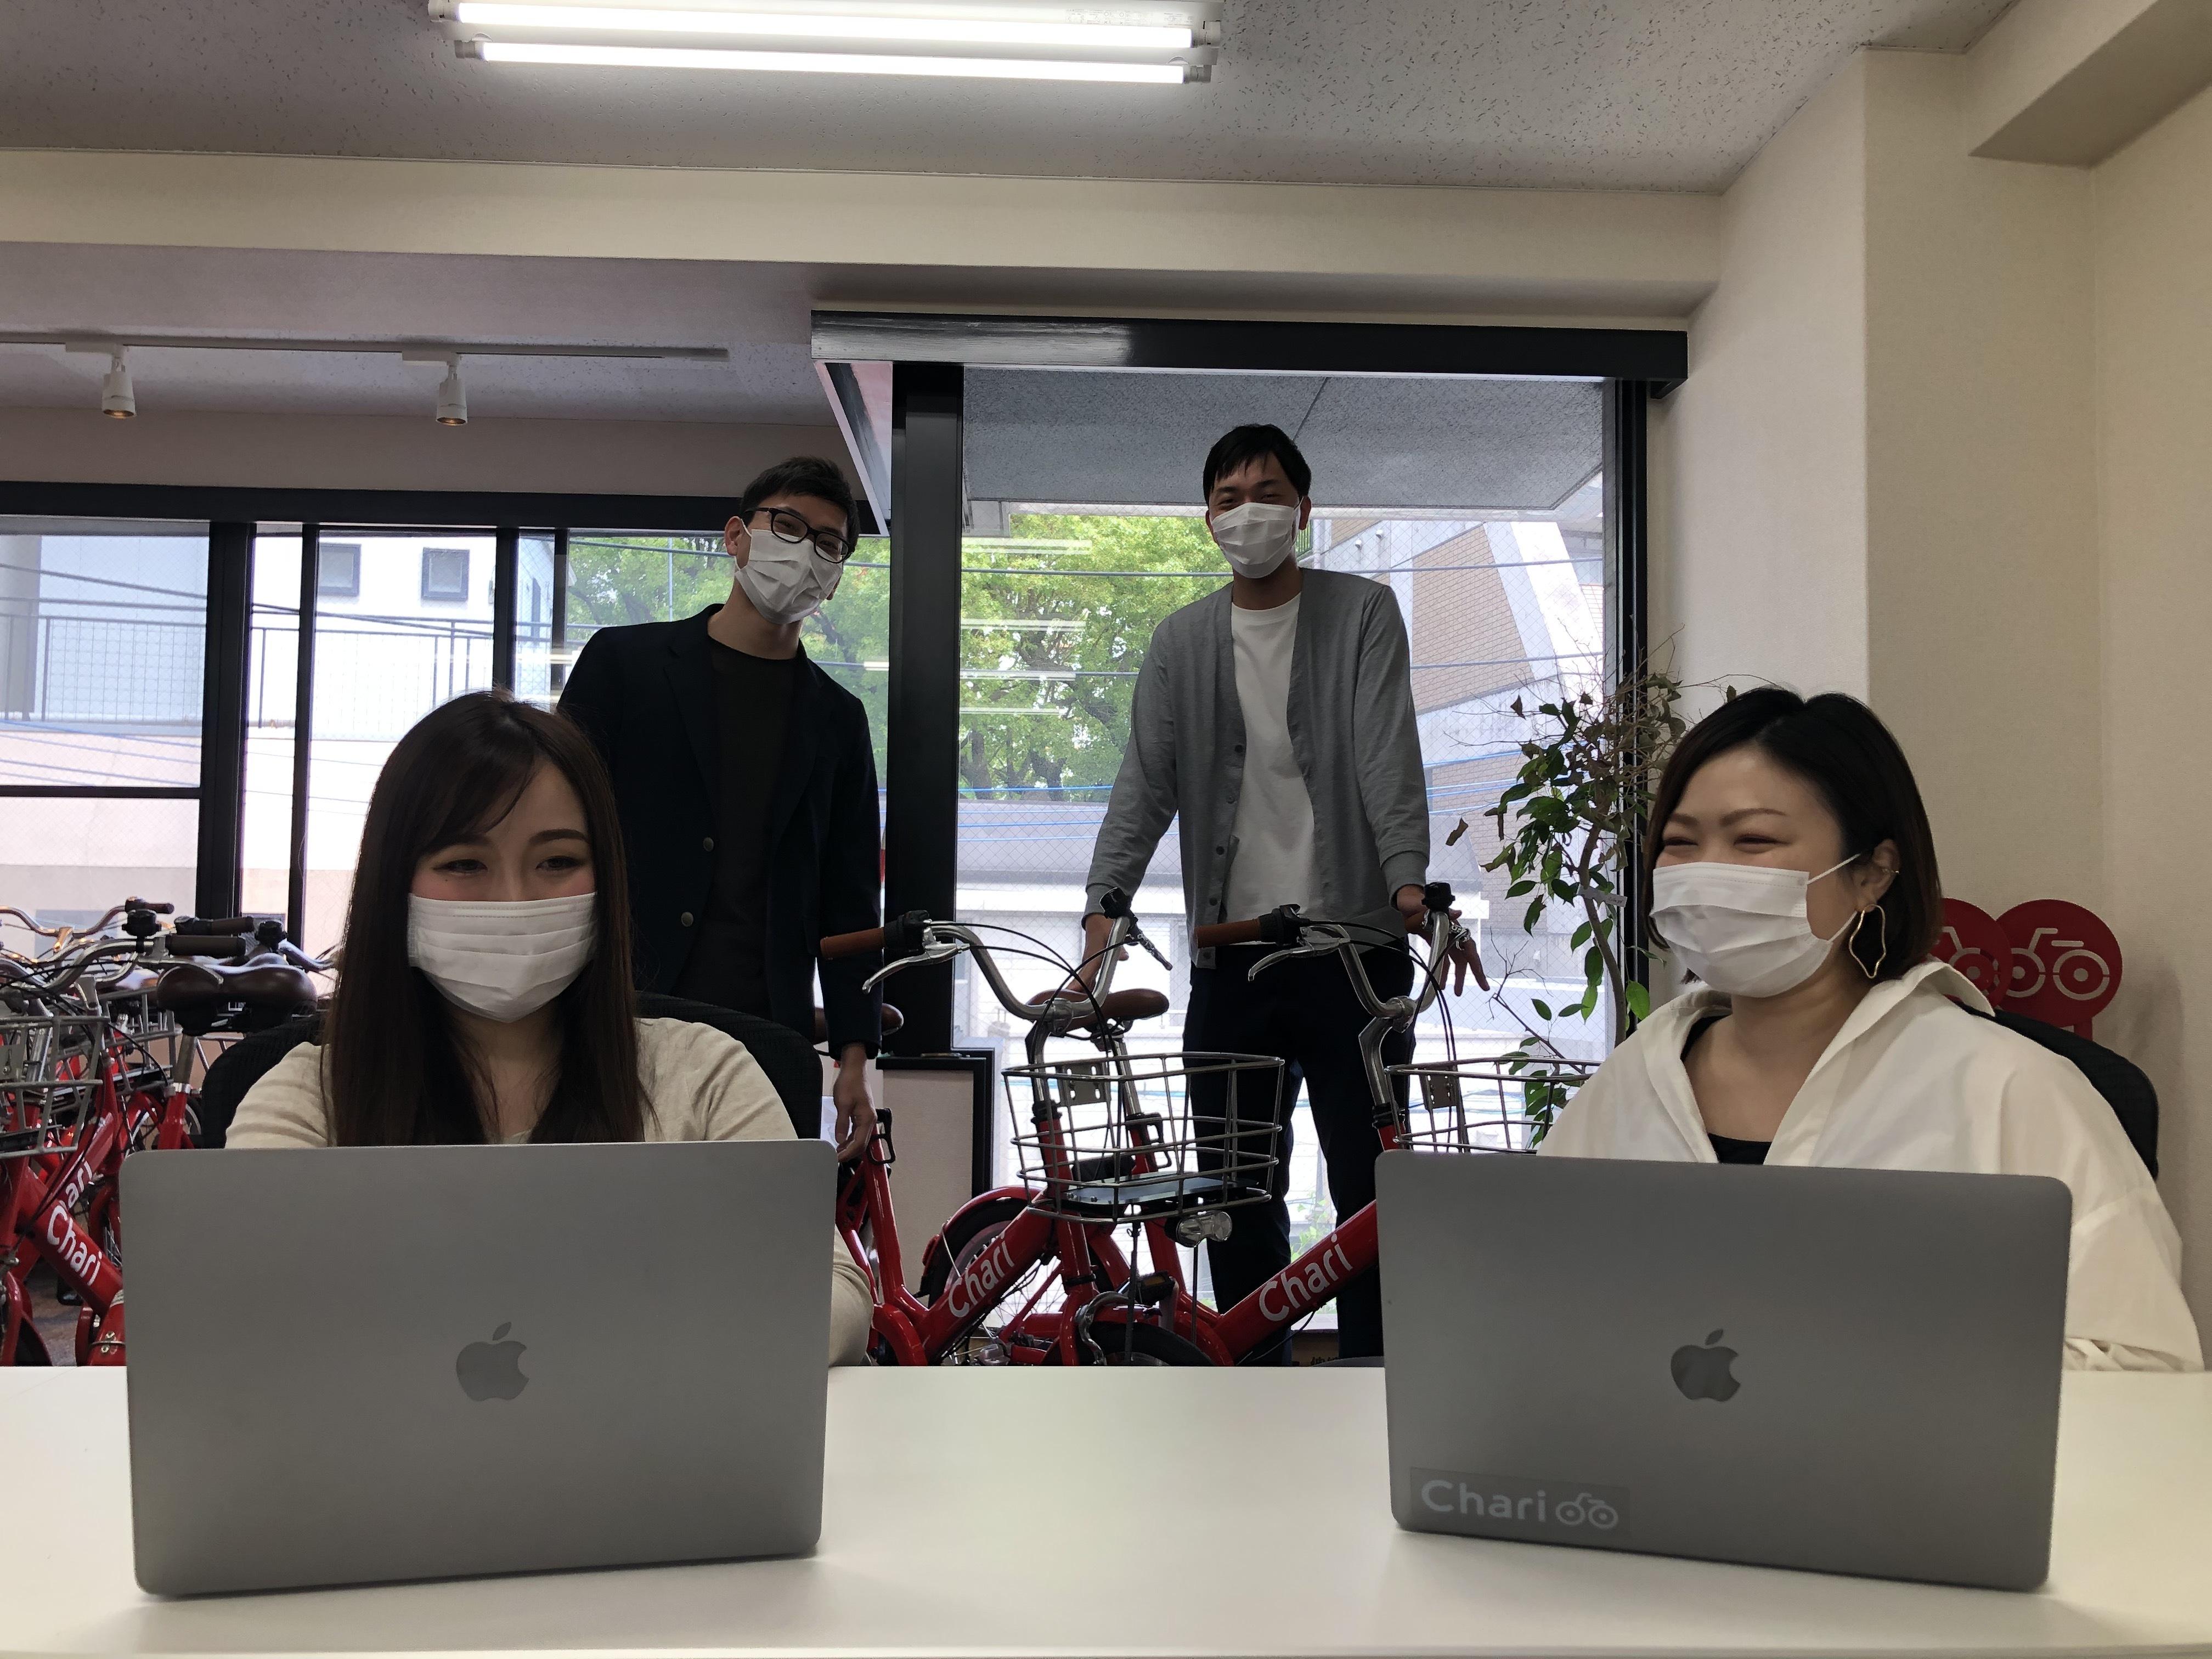 福岡でお客さまに直接価値をとどける!チャリチャリのCustomer Supportを募集!